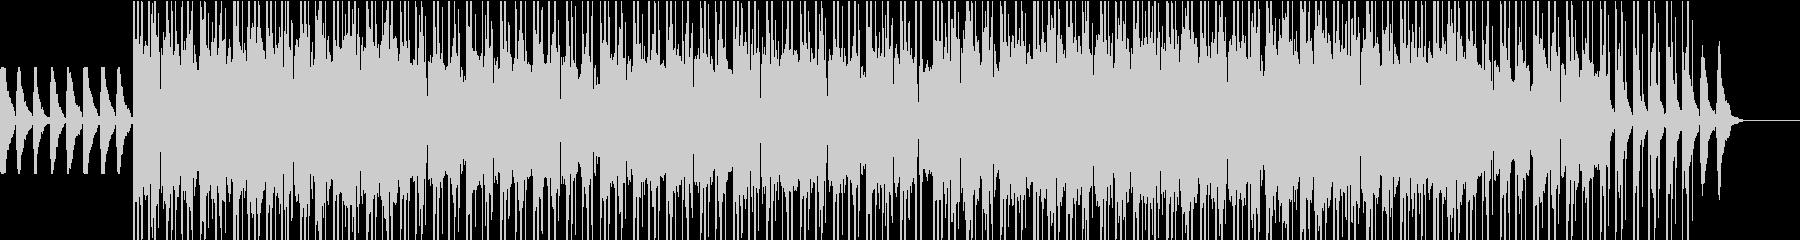 オシャレな雰囲気のBGMの未再生の波形